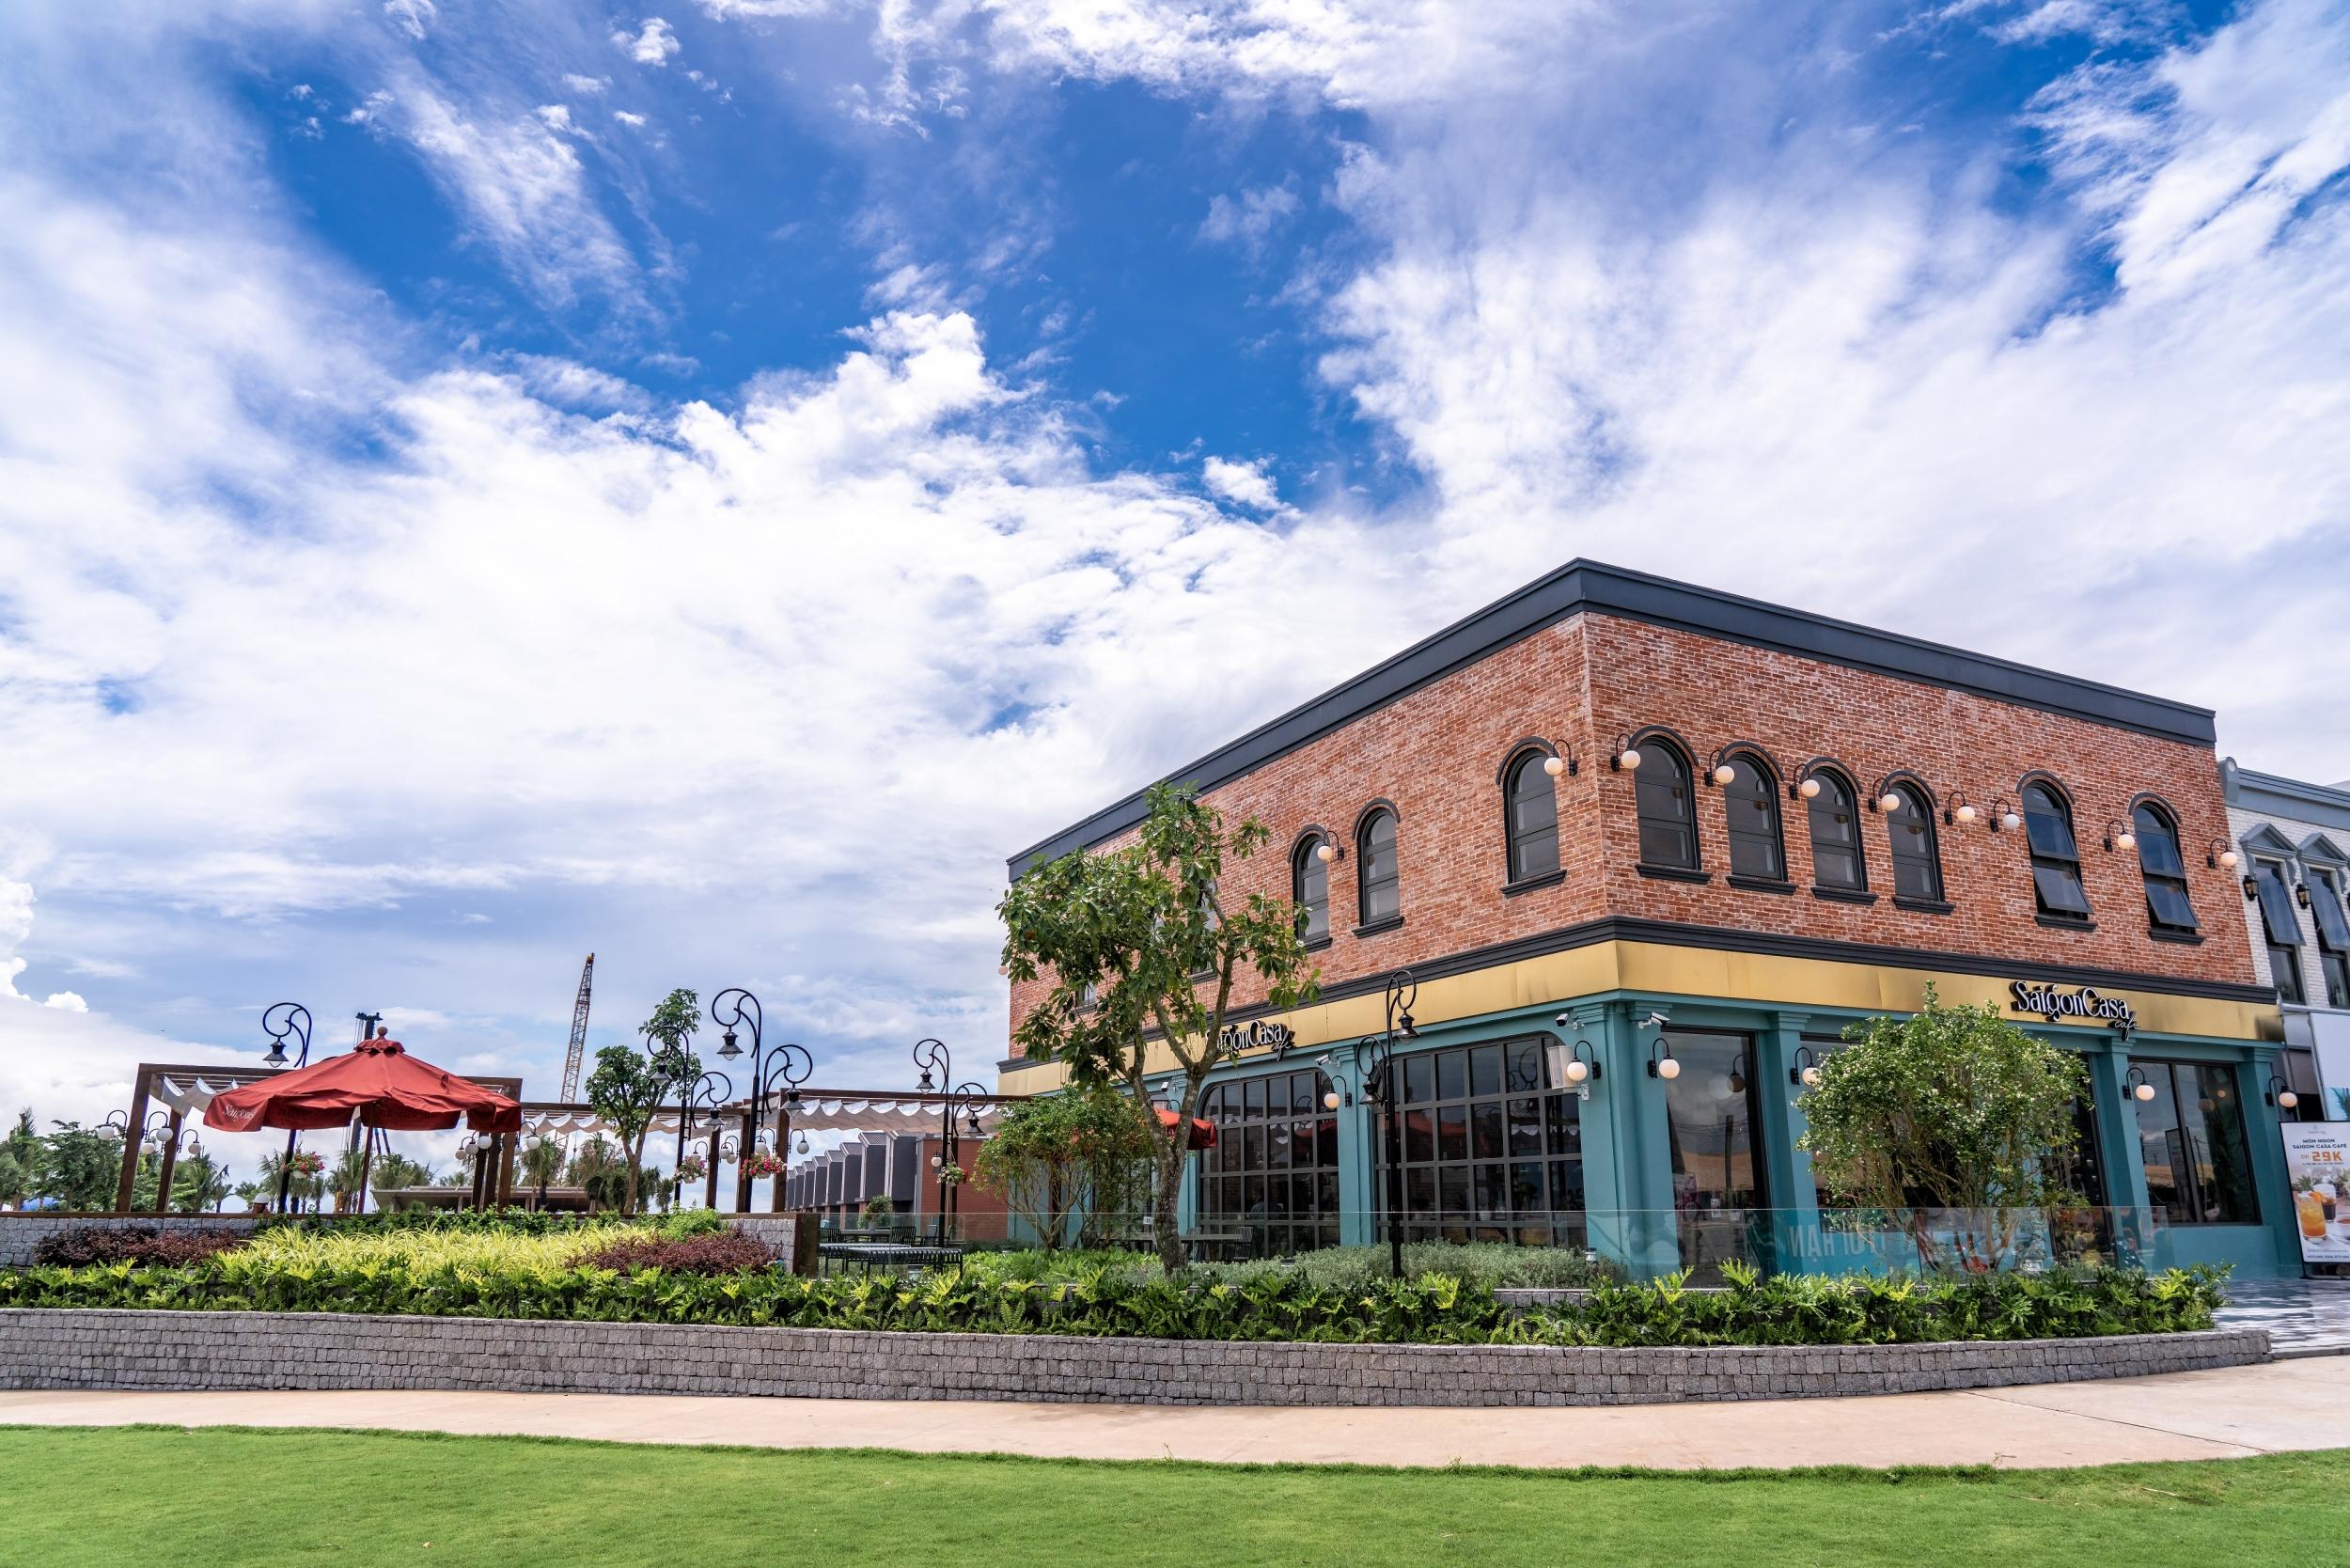 Saigon Casa Café tại shophouse mặt tiền đường ven biển thuộc phân kỳ The Tropicana của dự án NovaWord Hồ Tràm phù hợp cho du khách uống cà phê, thư giãn, chụp ảnh... Nguồn ảnh: Novaland